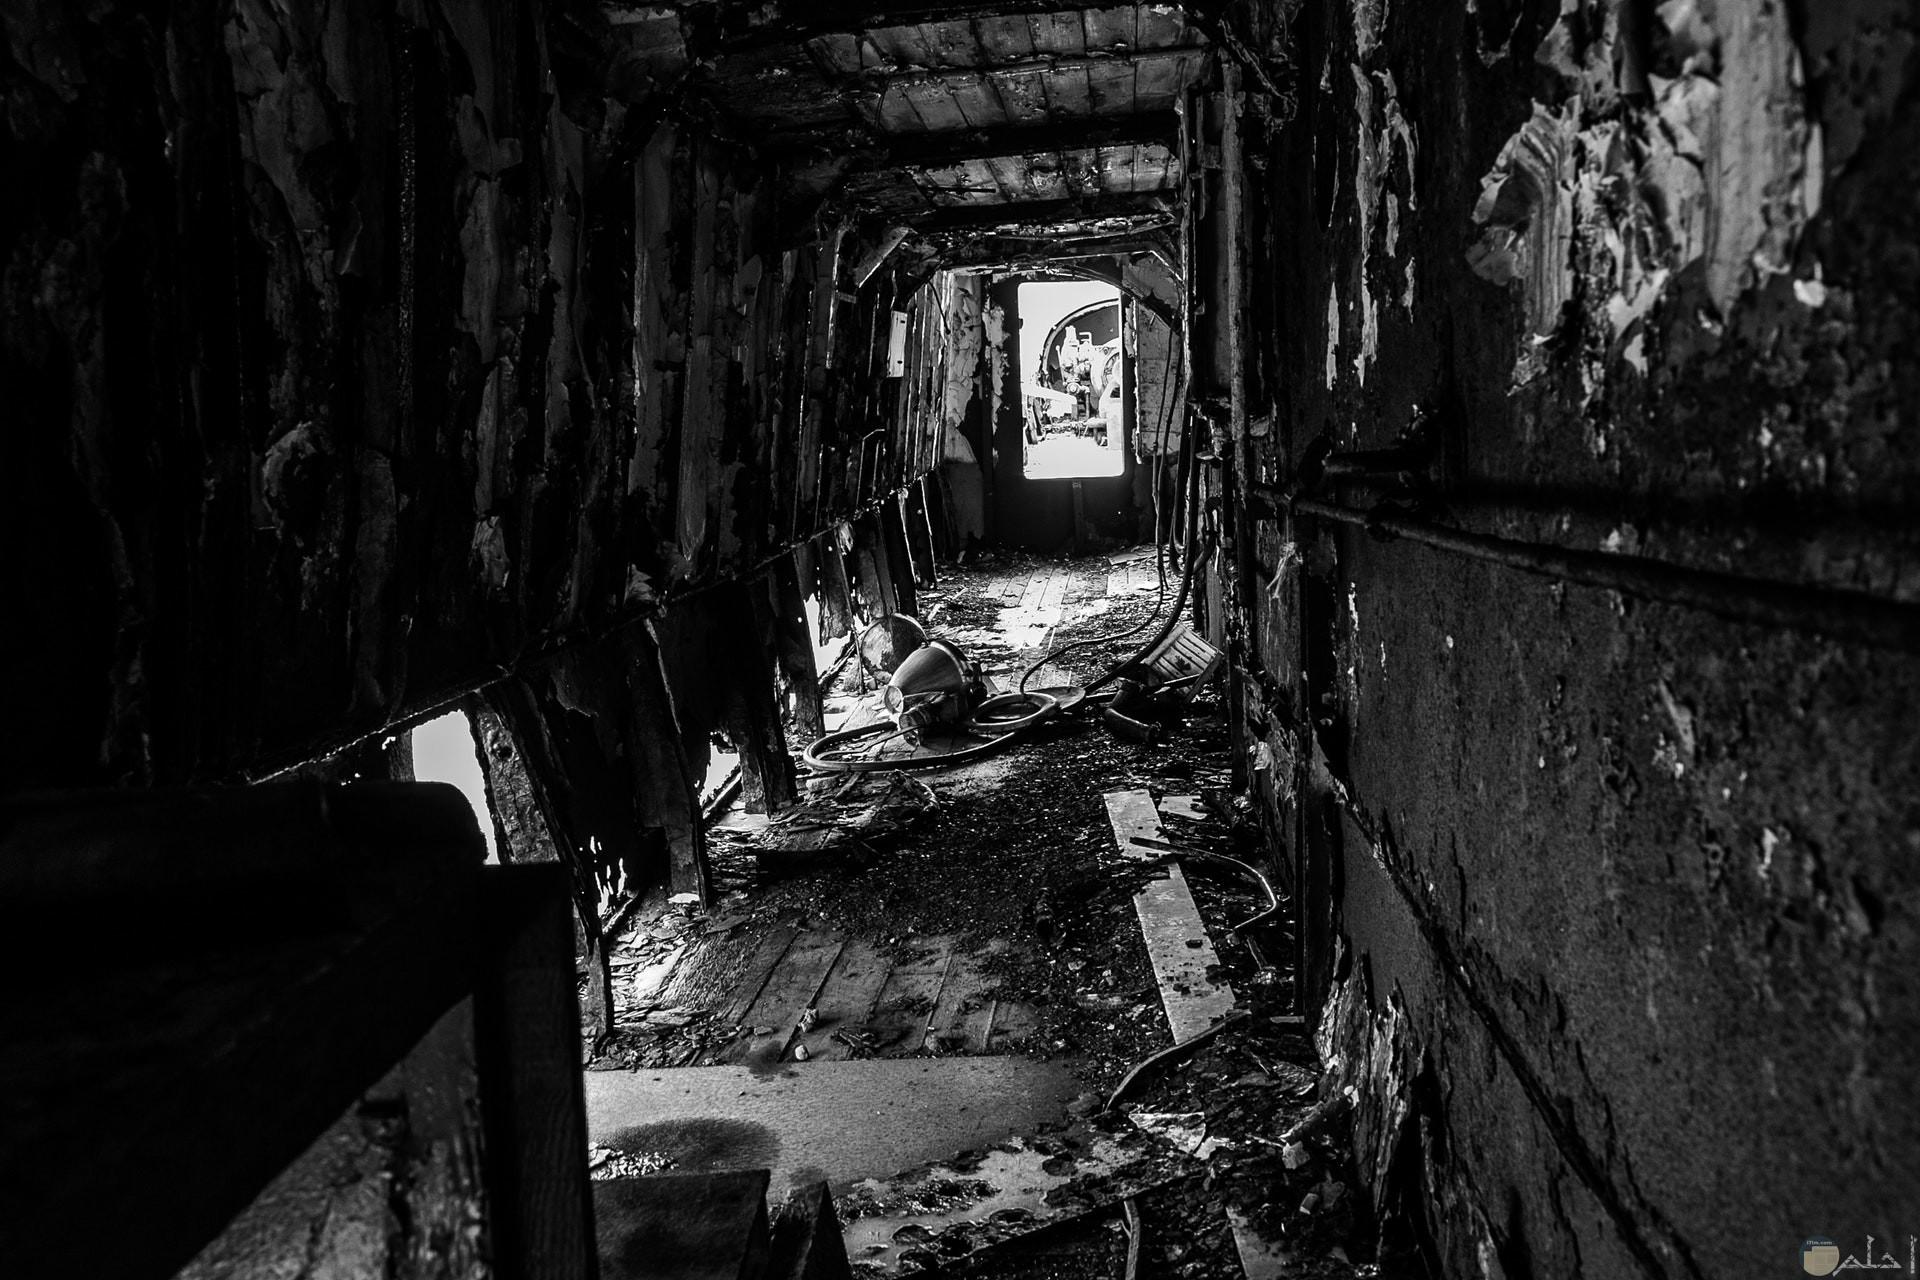 صورة مرعبة لمكان محطم ومهجور باللون الأبيض والأسود